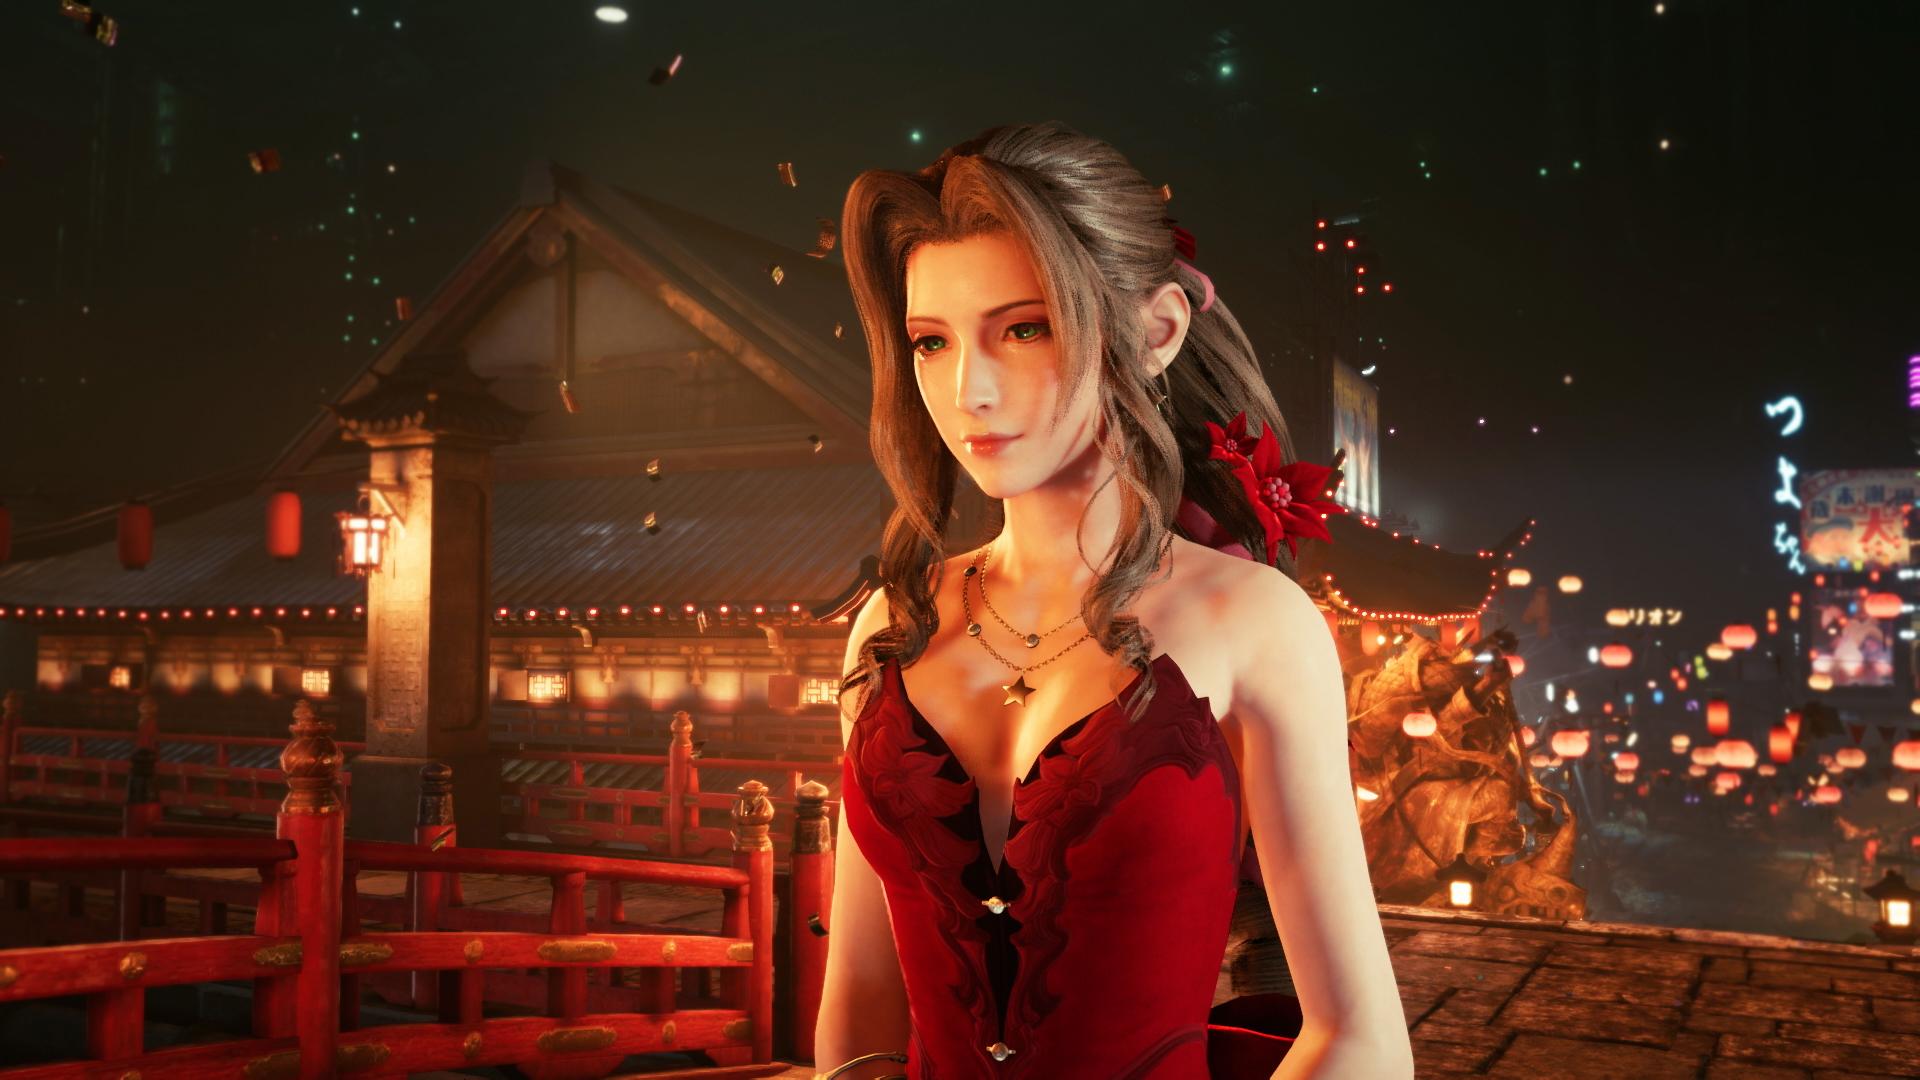 クラウドの女装やエアリスとティファのドレス姿も Ffvii Remake 最新スクリーンショットを大量公開 Game Watch